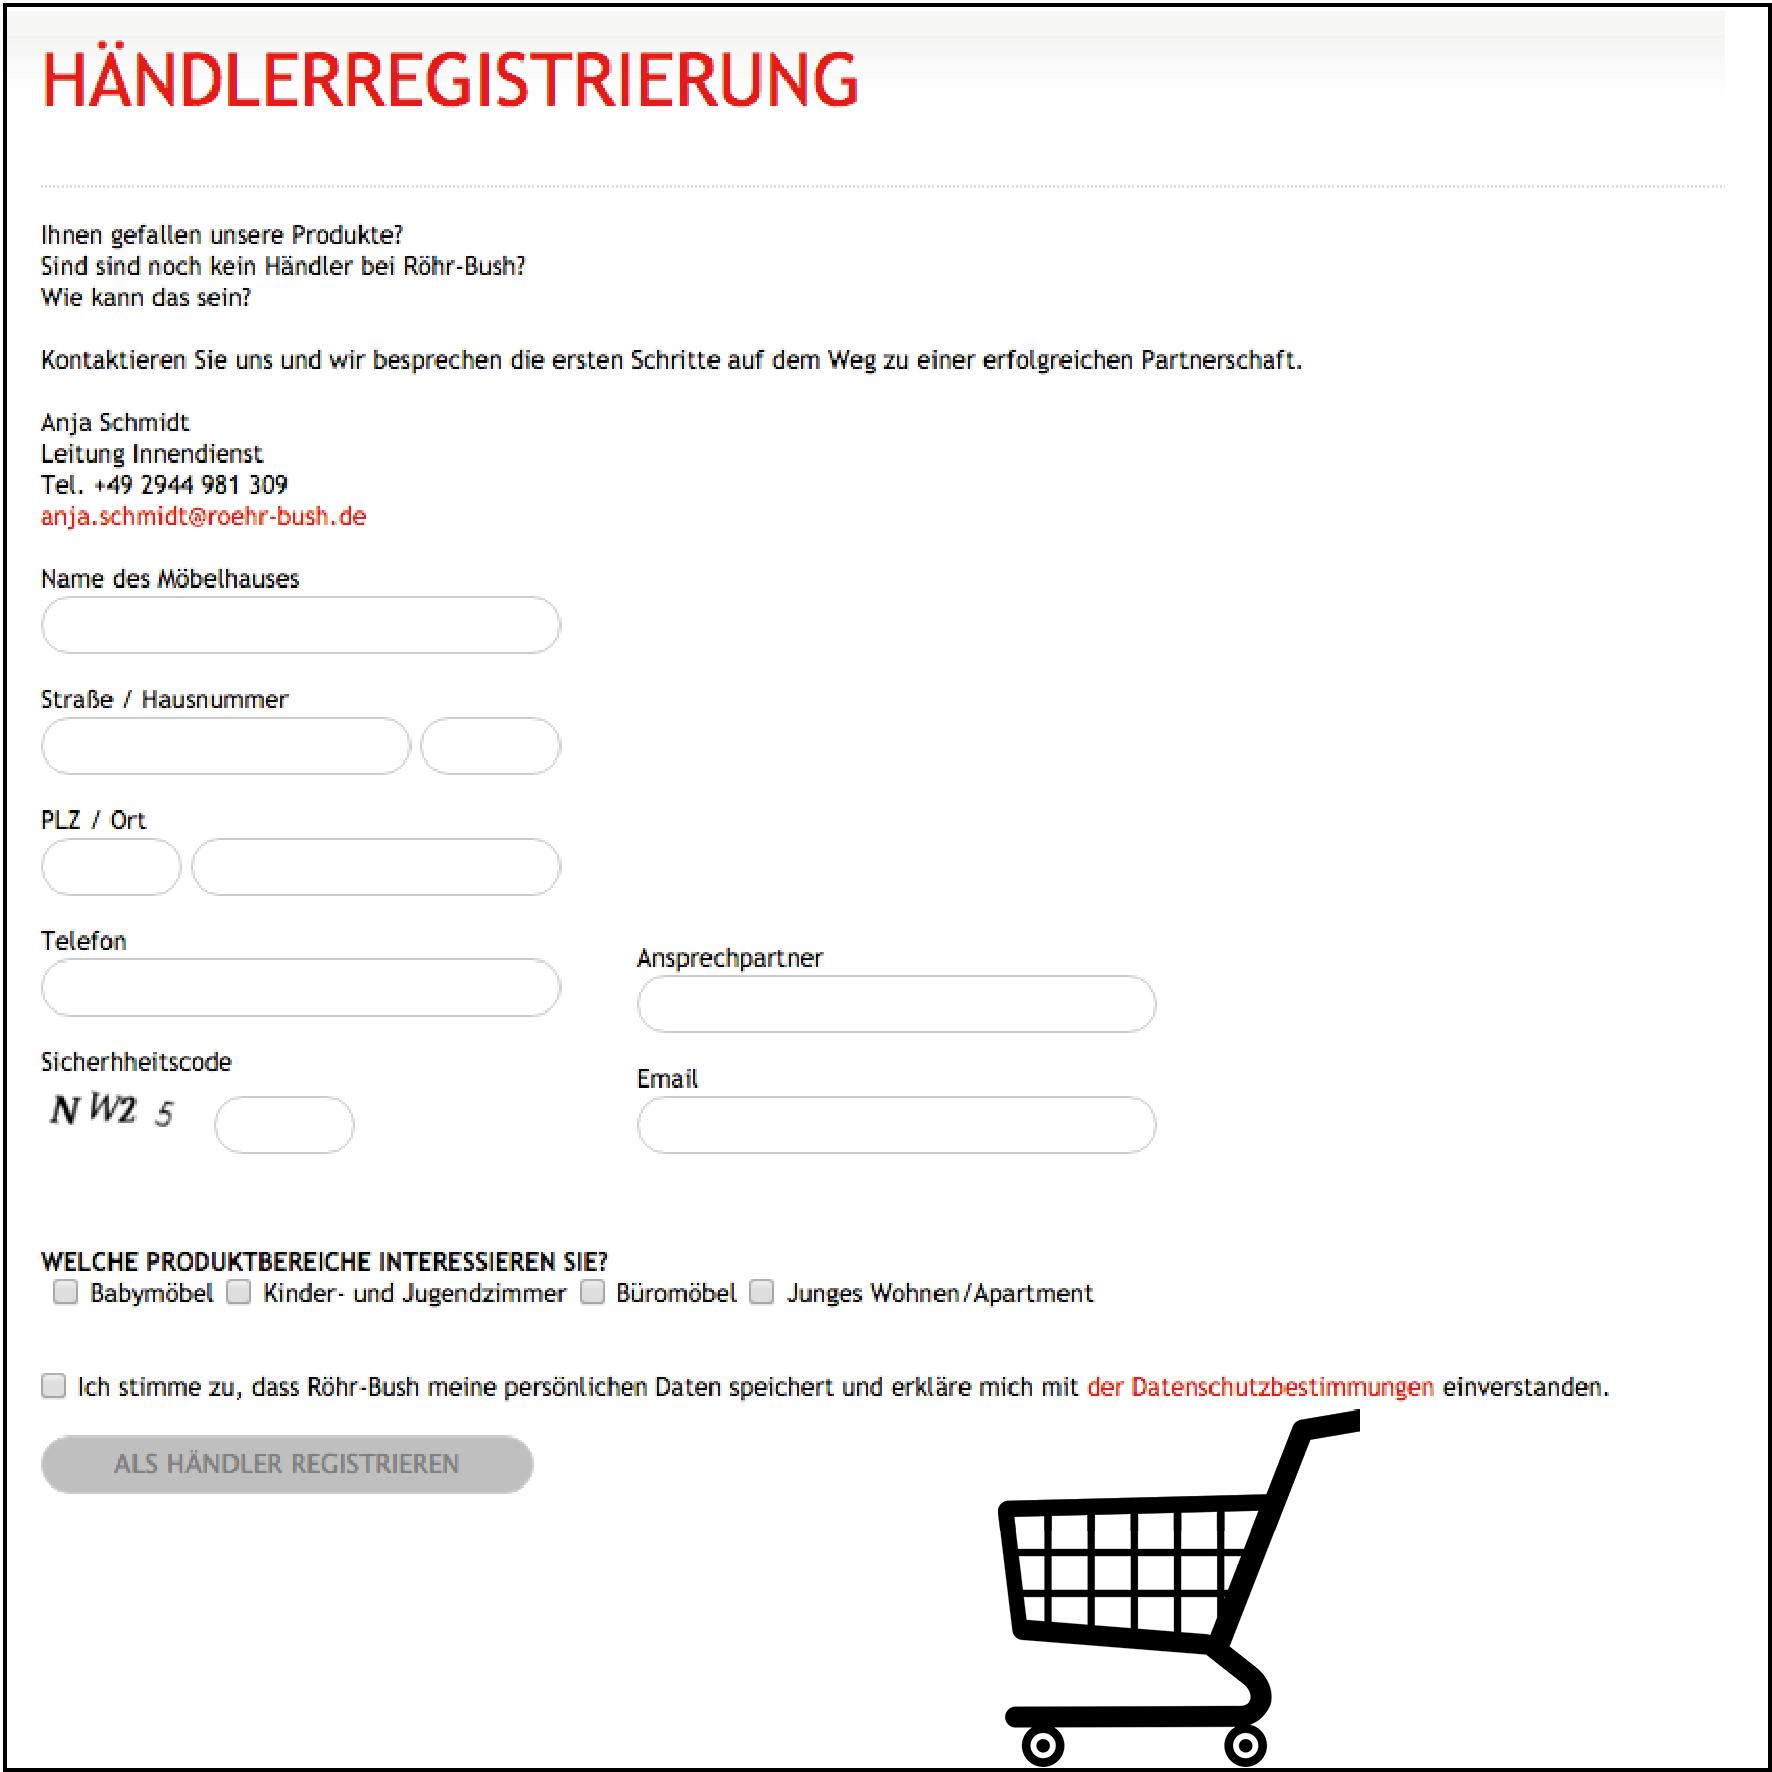 haendlerreg-_16